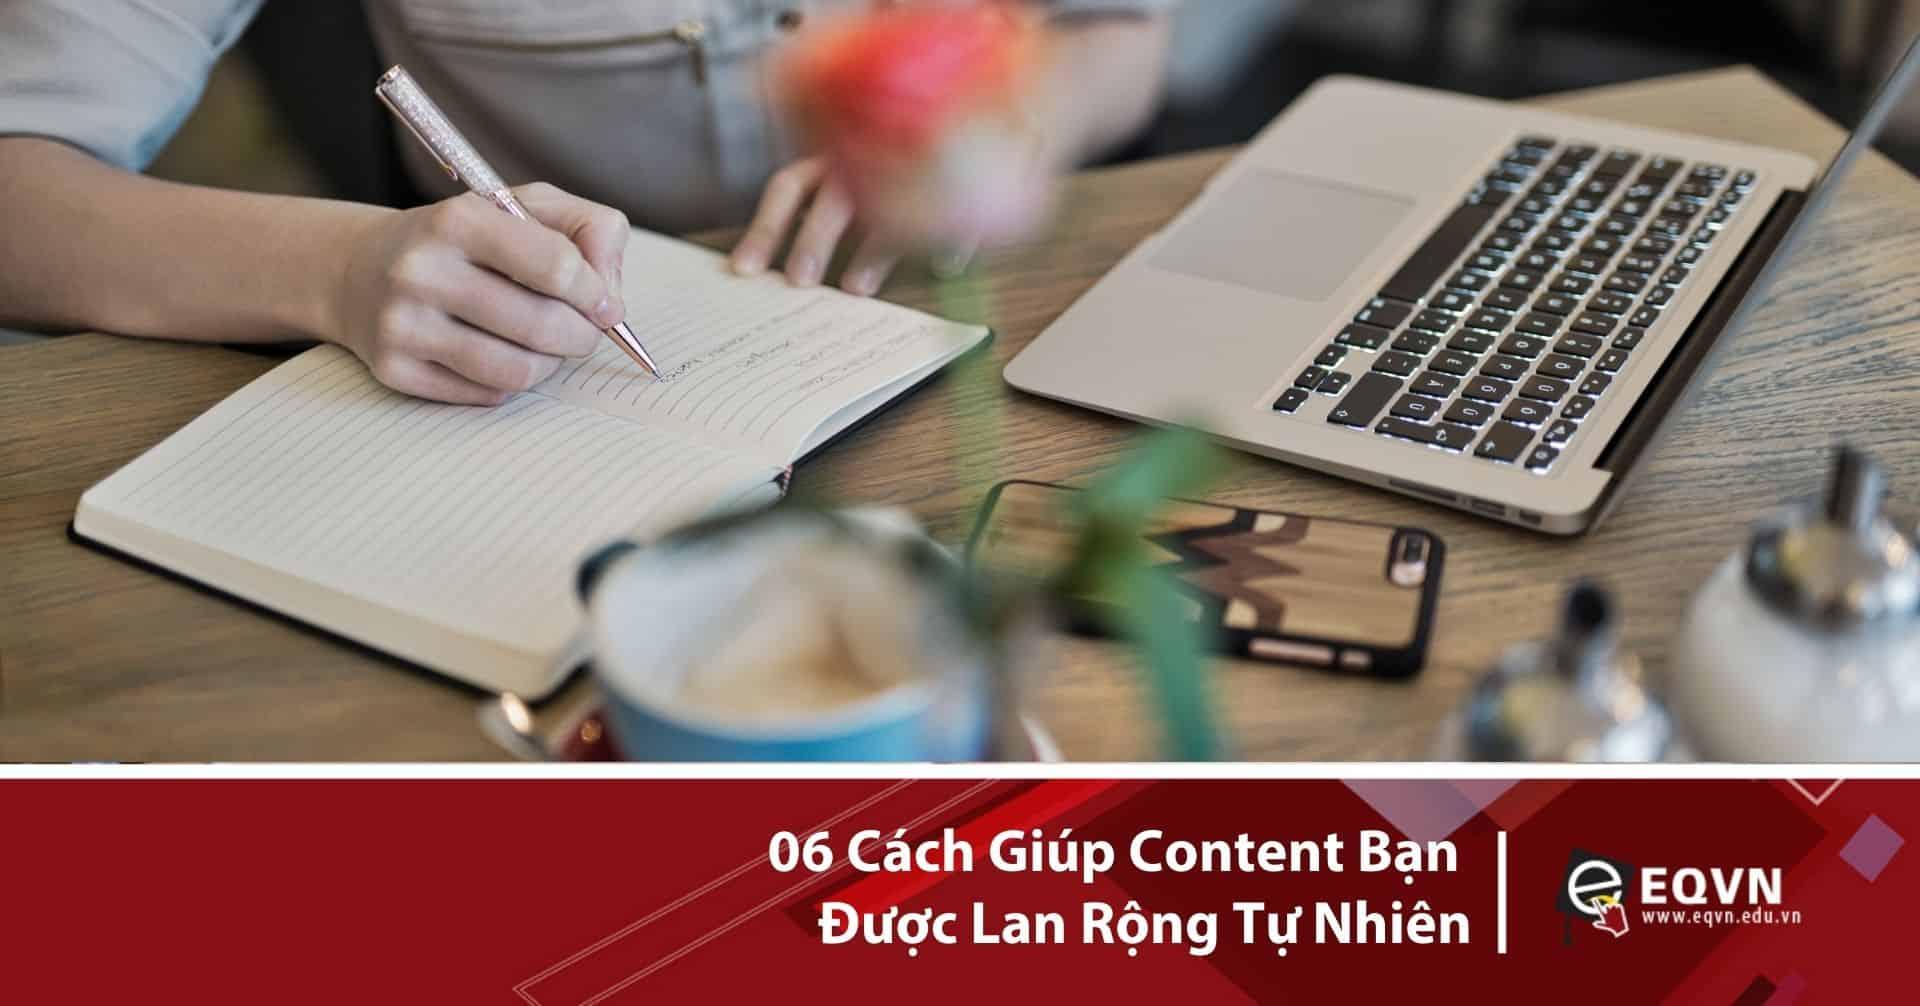 06 cách giúp Content bạn được lan rộng tự nhiên